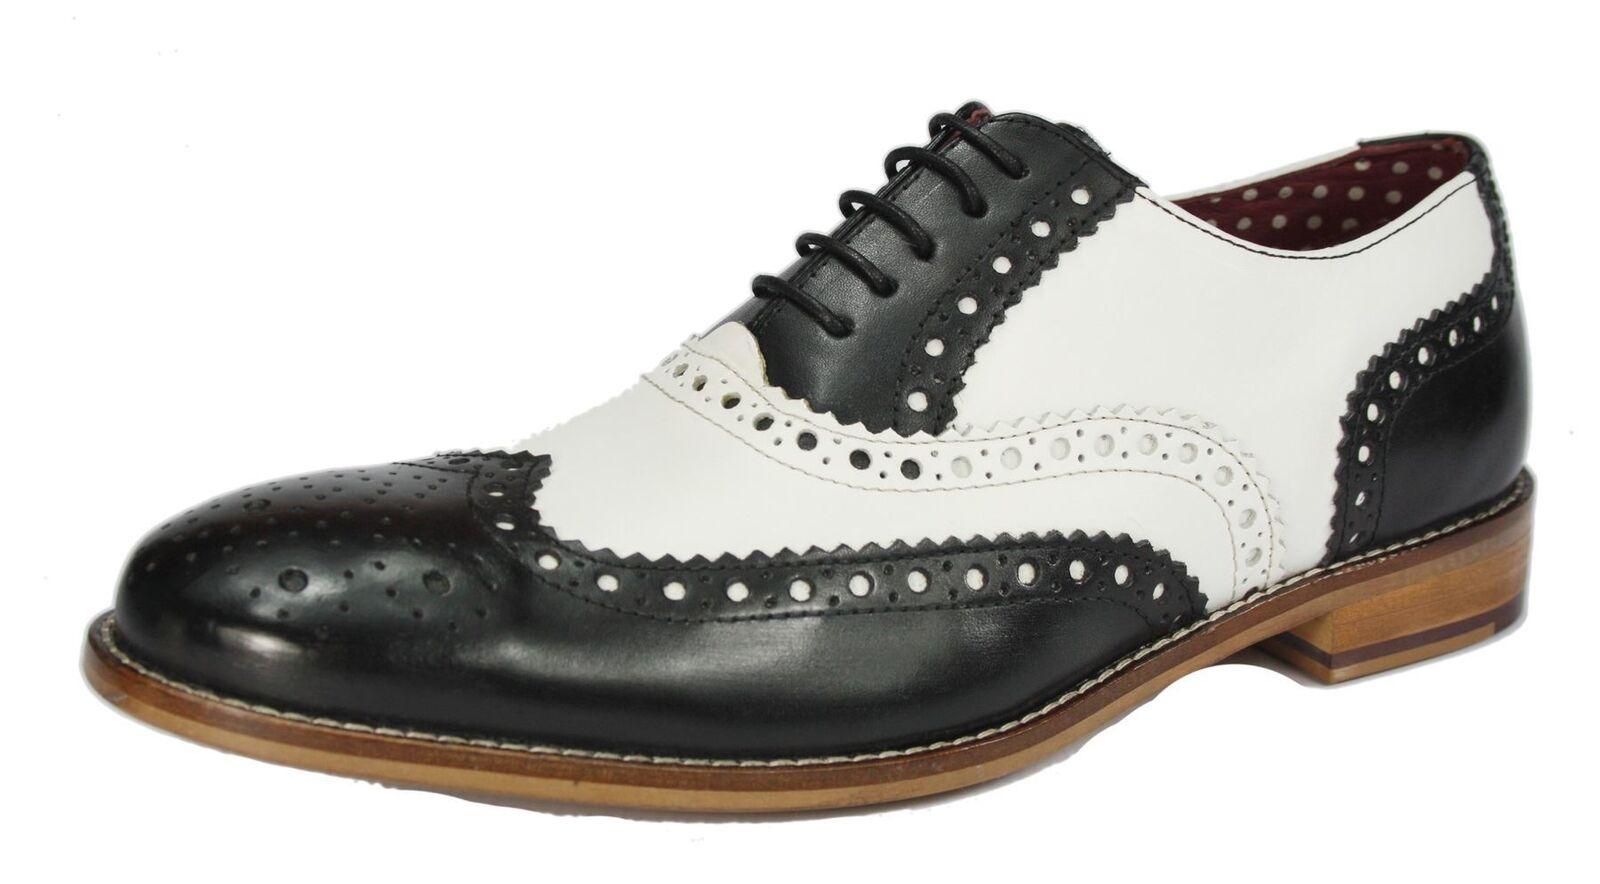 London Brogues Schnüren Gatsby schwarz/weiß Halbschuhe zum Schnüren Brogues Herren Leder rund 471324